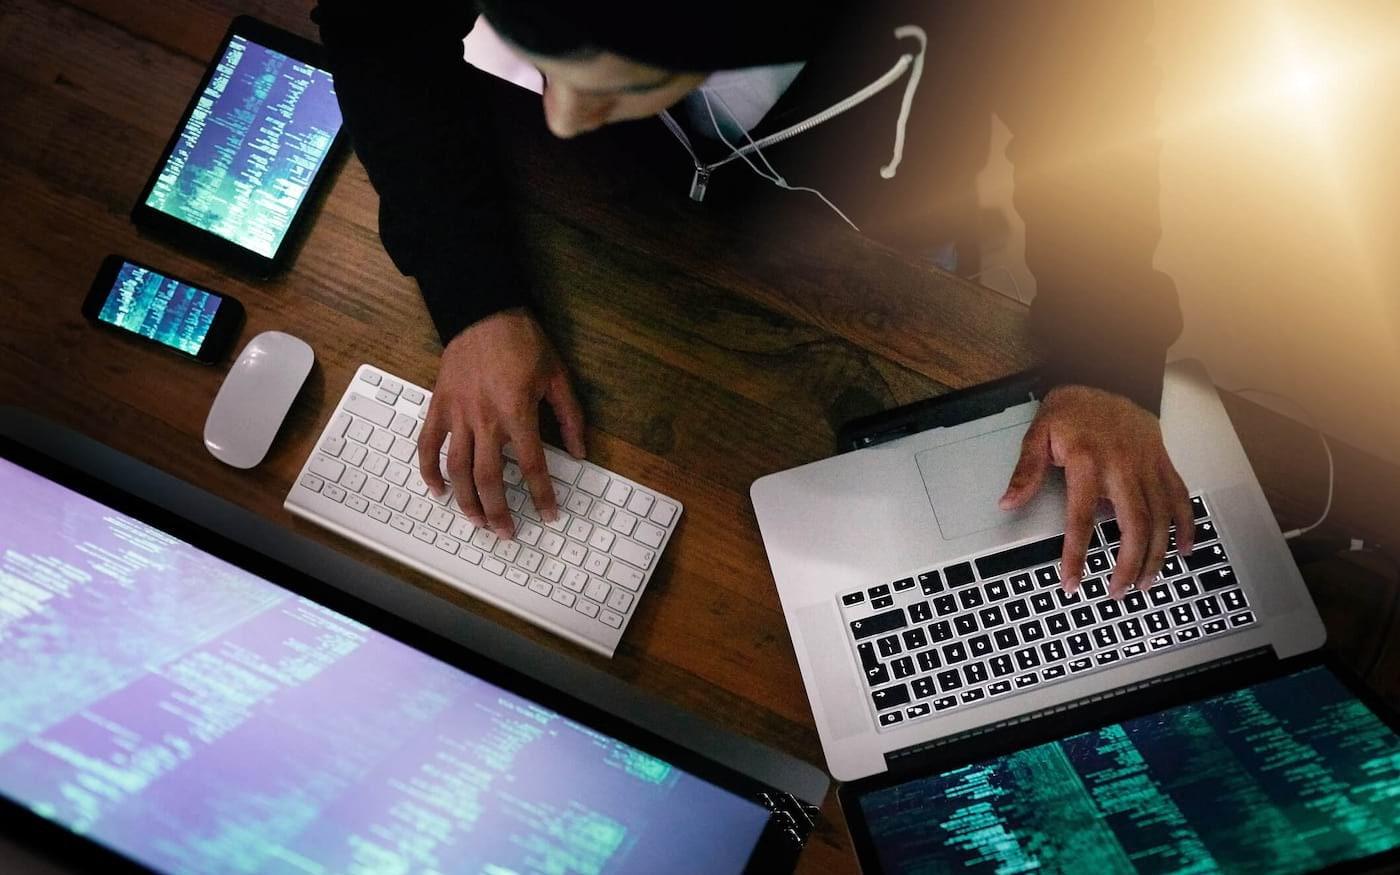 Avast identifica malware Guildma e impede mais de 155 mil tentativas de ataque